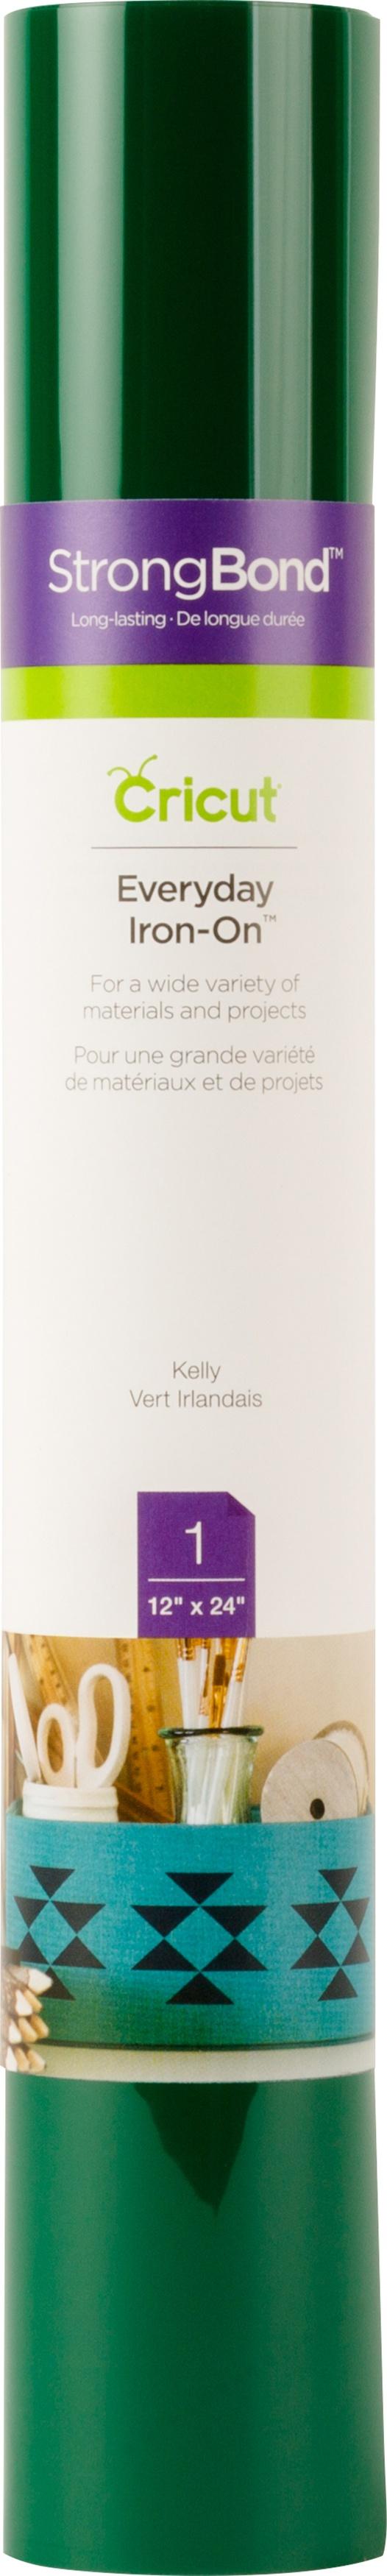 Cricut Everyday Iron-On Vinyl 12X24 Roll-Kelly